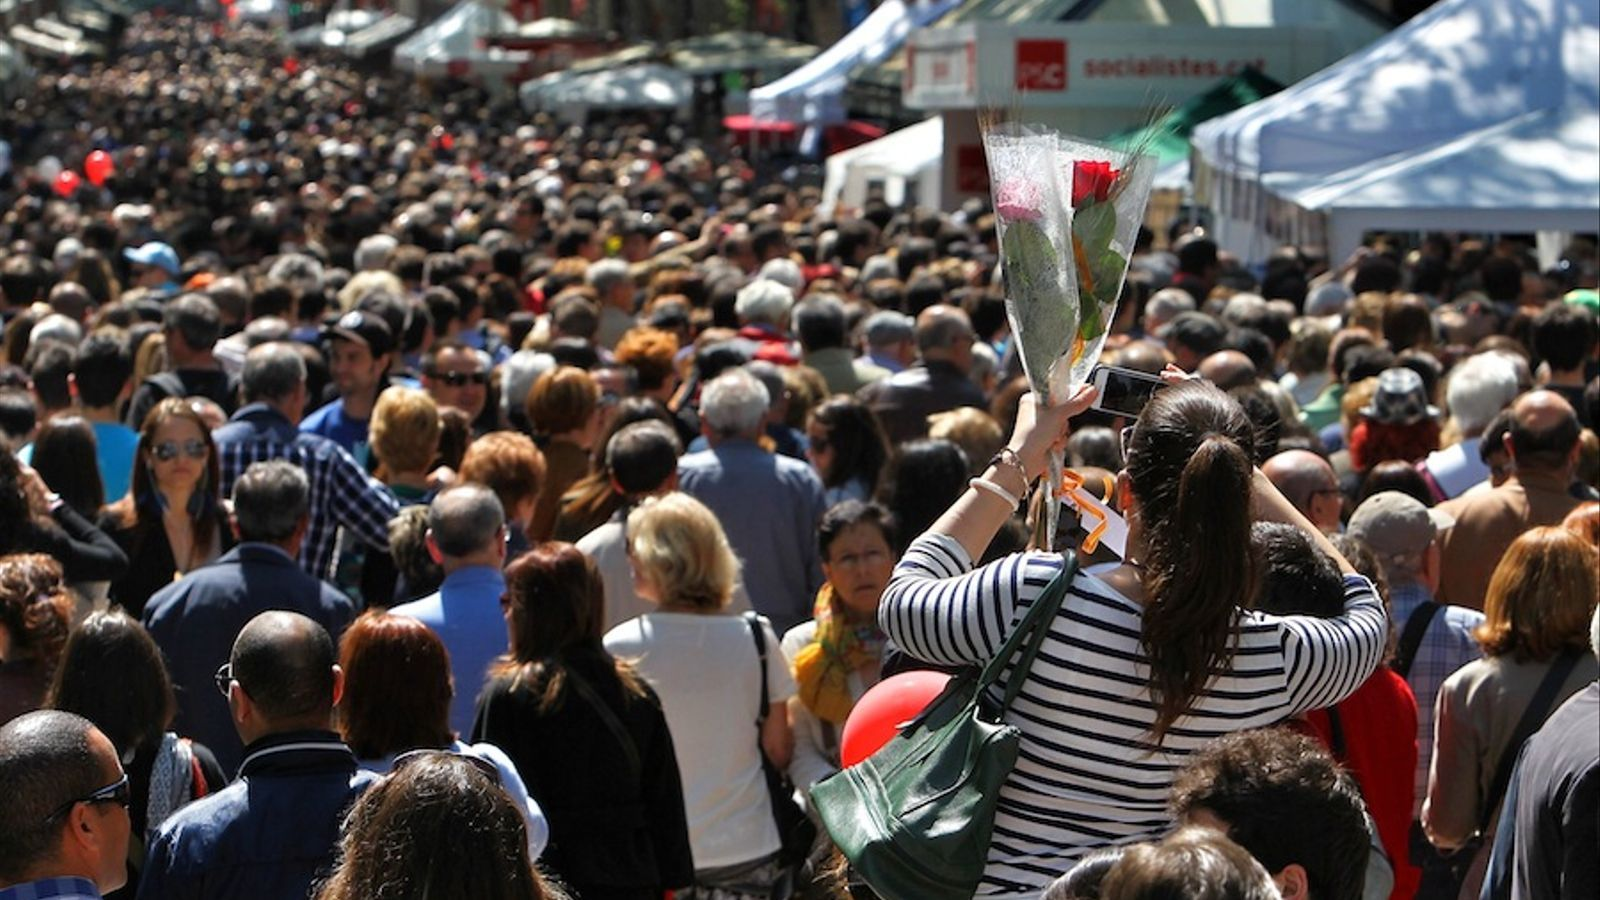 El centre de Barcelona és ple de gom a gom aquest Sant Jordi 2013 / PERE VIRGILI